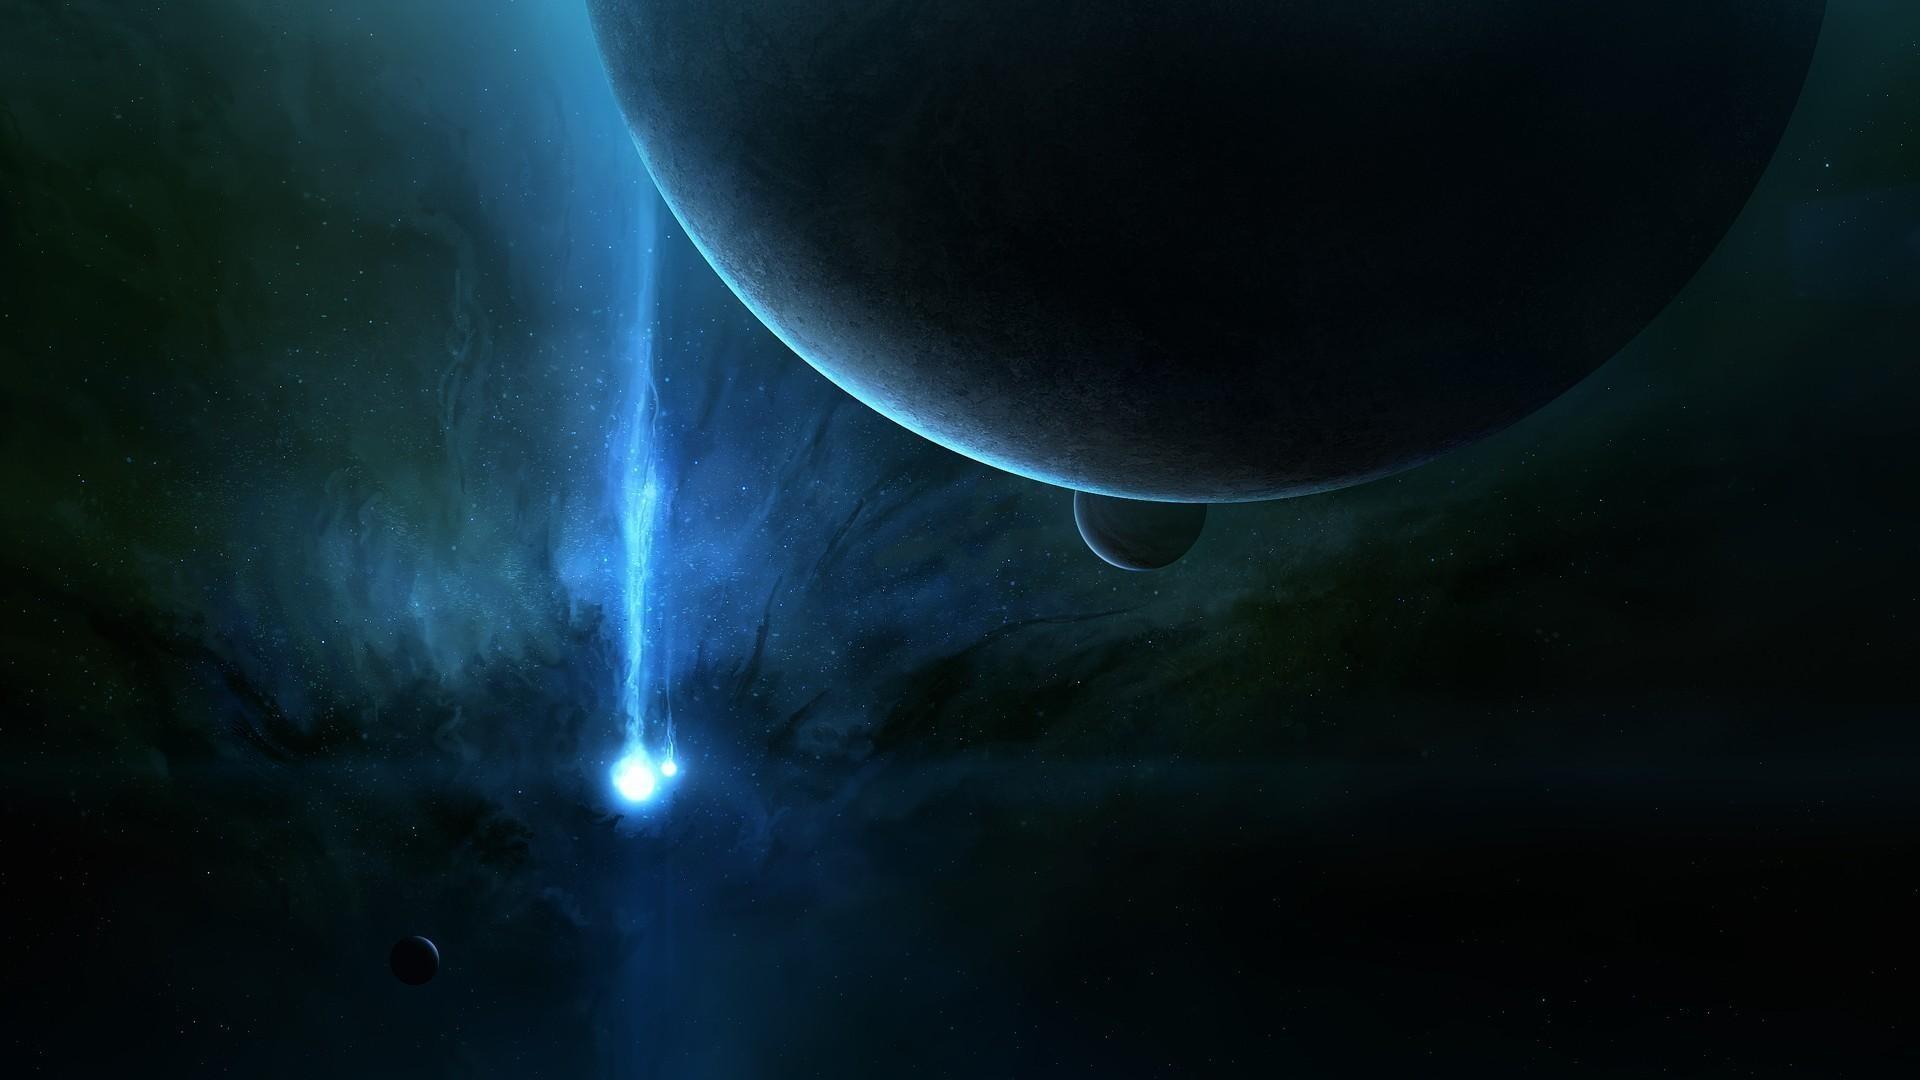 wallpaper energy burst near planet in the dark space.